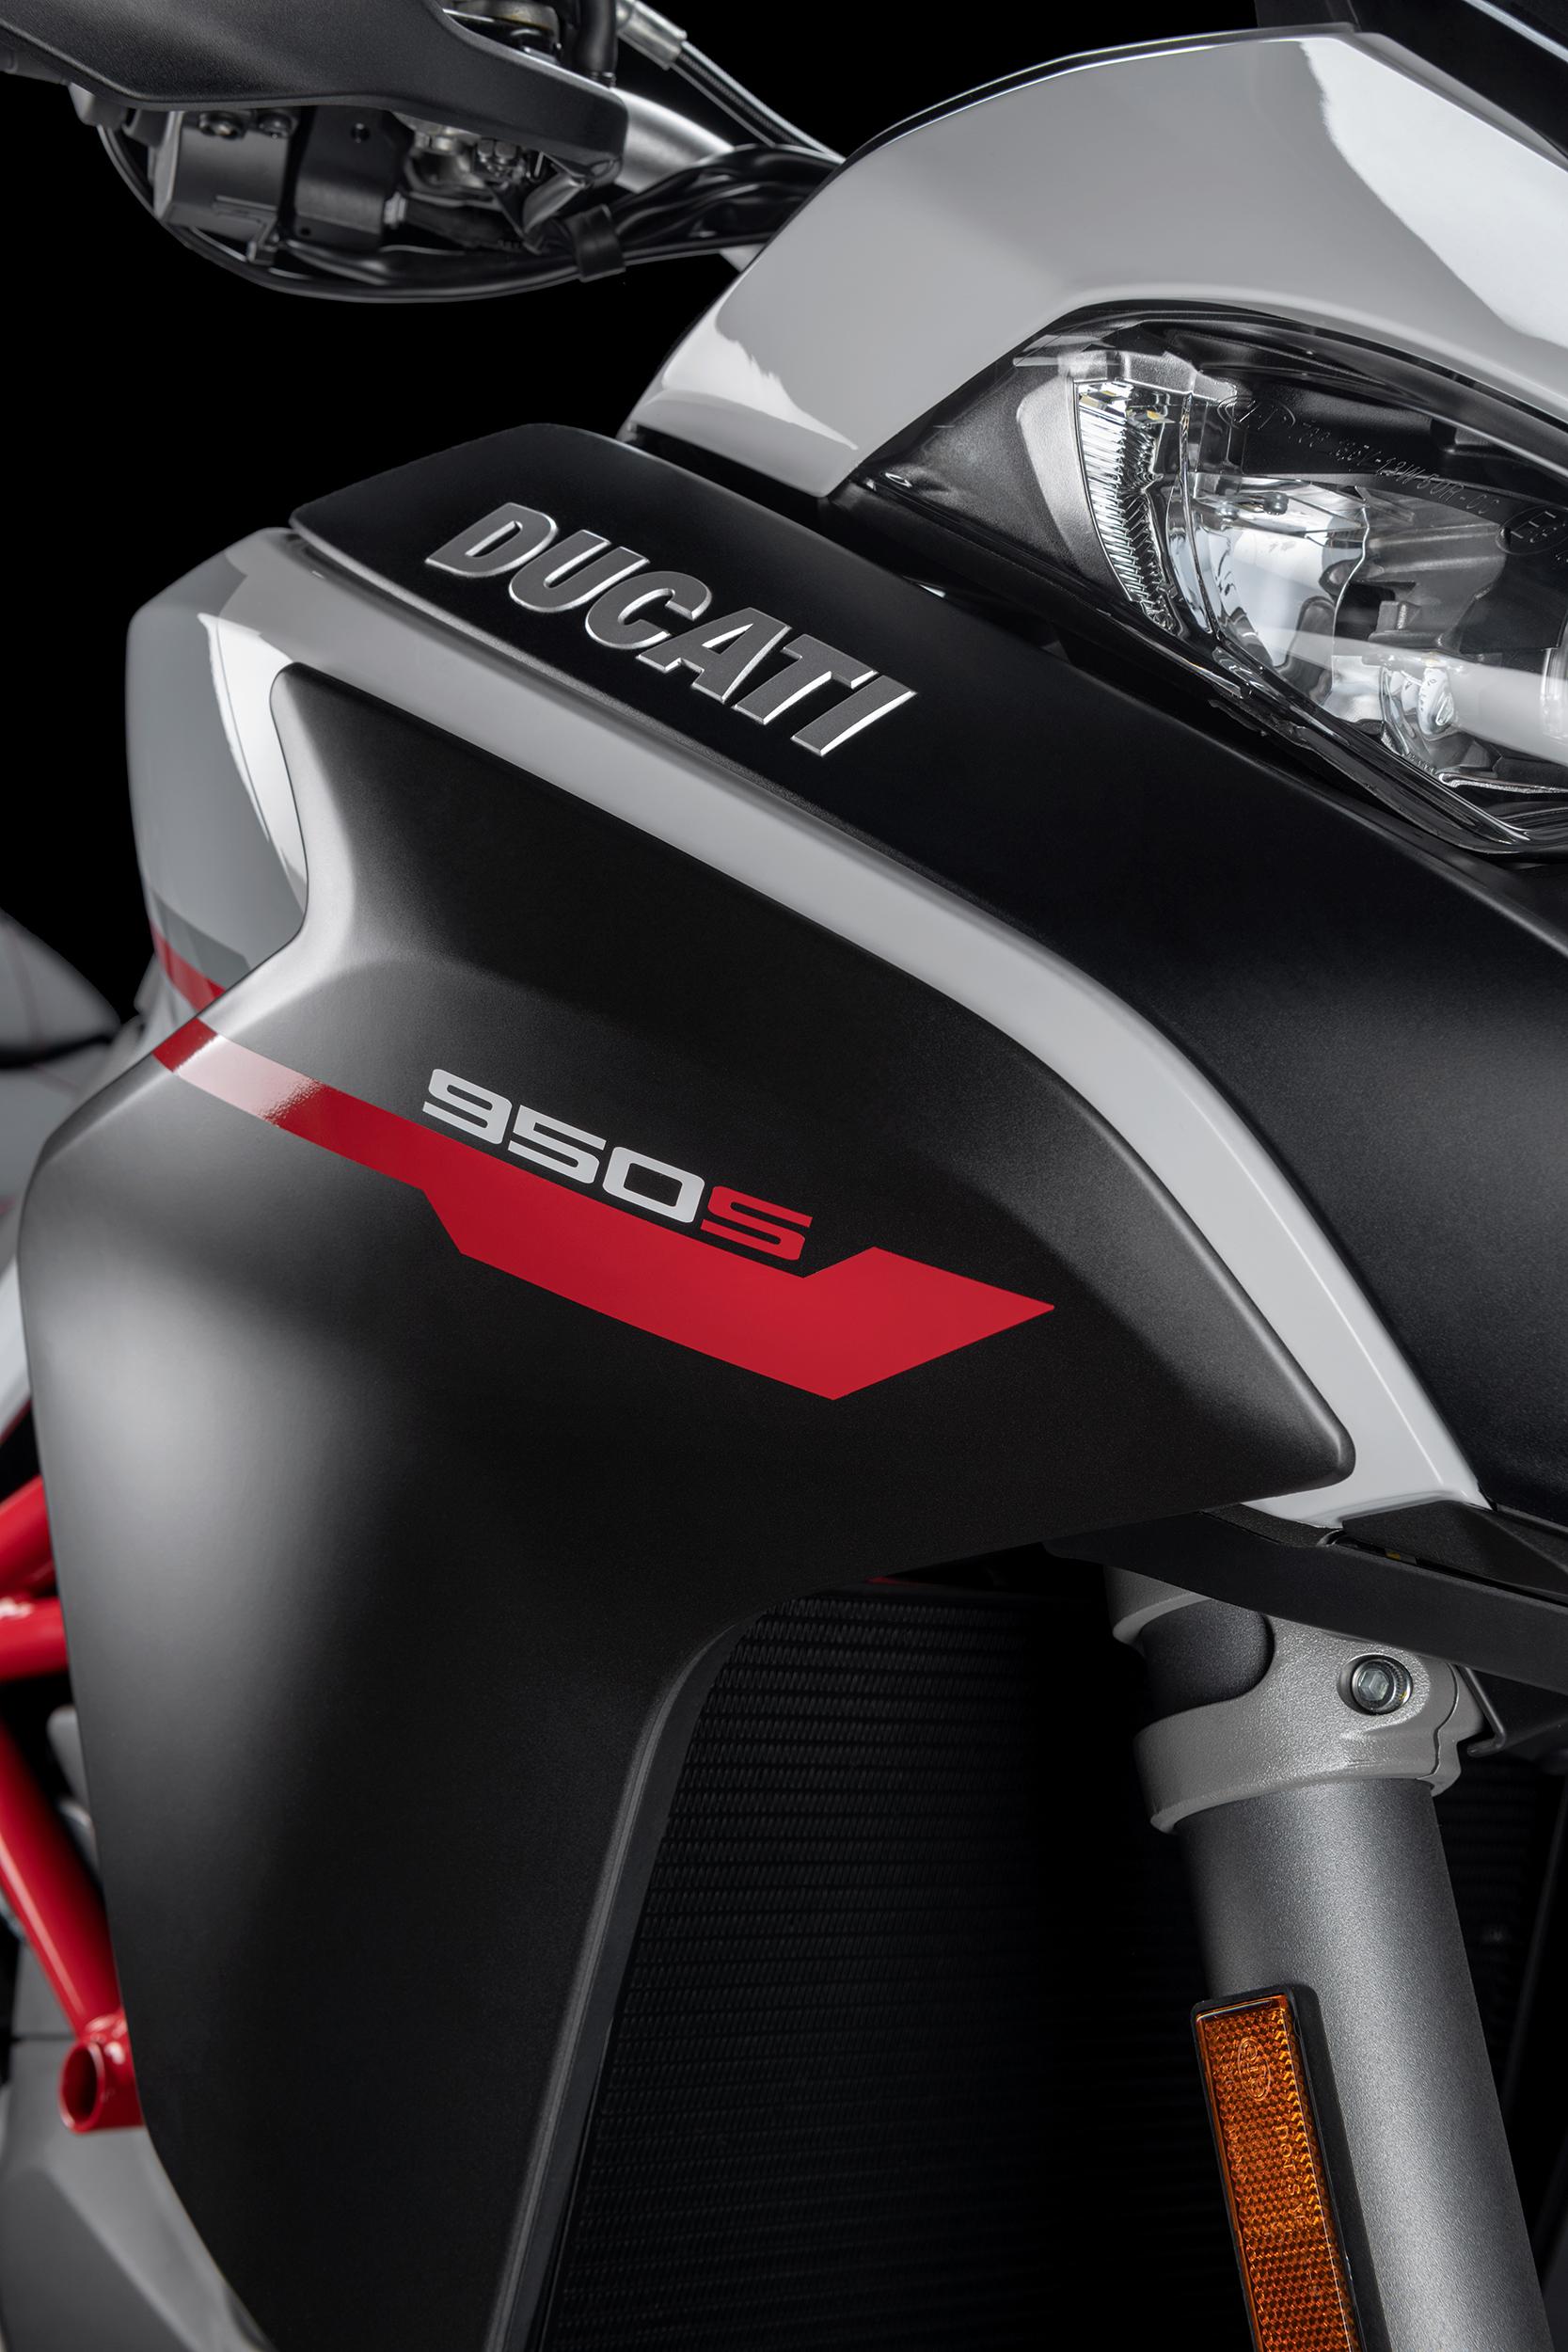 2021 Ducati Multistrada 950 S (2)